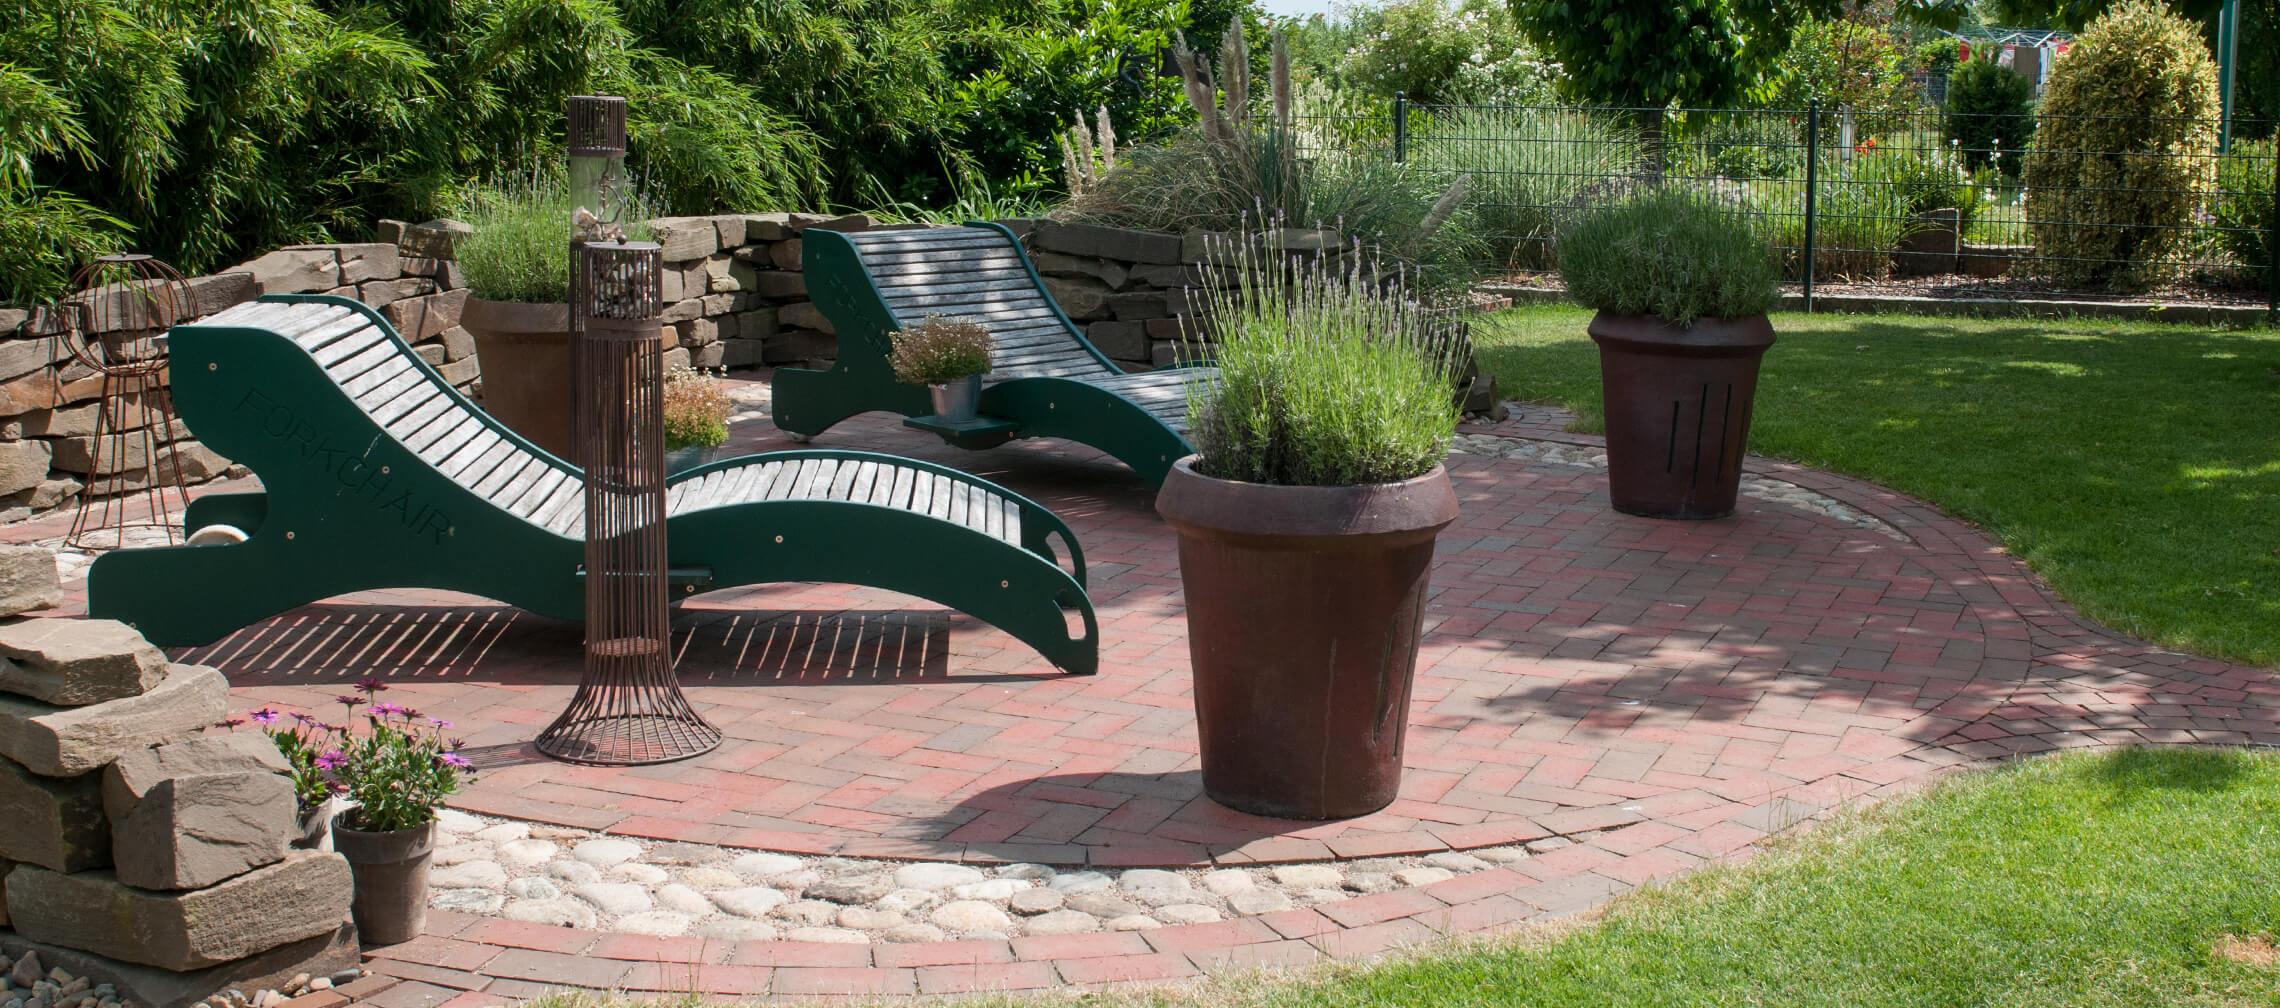 Garten Und Landschaftsbau Wedel meisterbetrieb gartenbau landschaftsbau sebastian müller